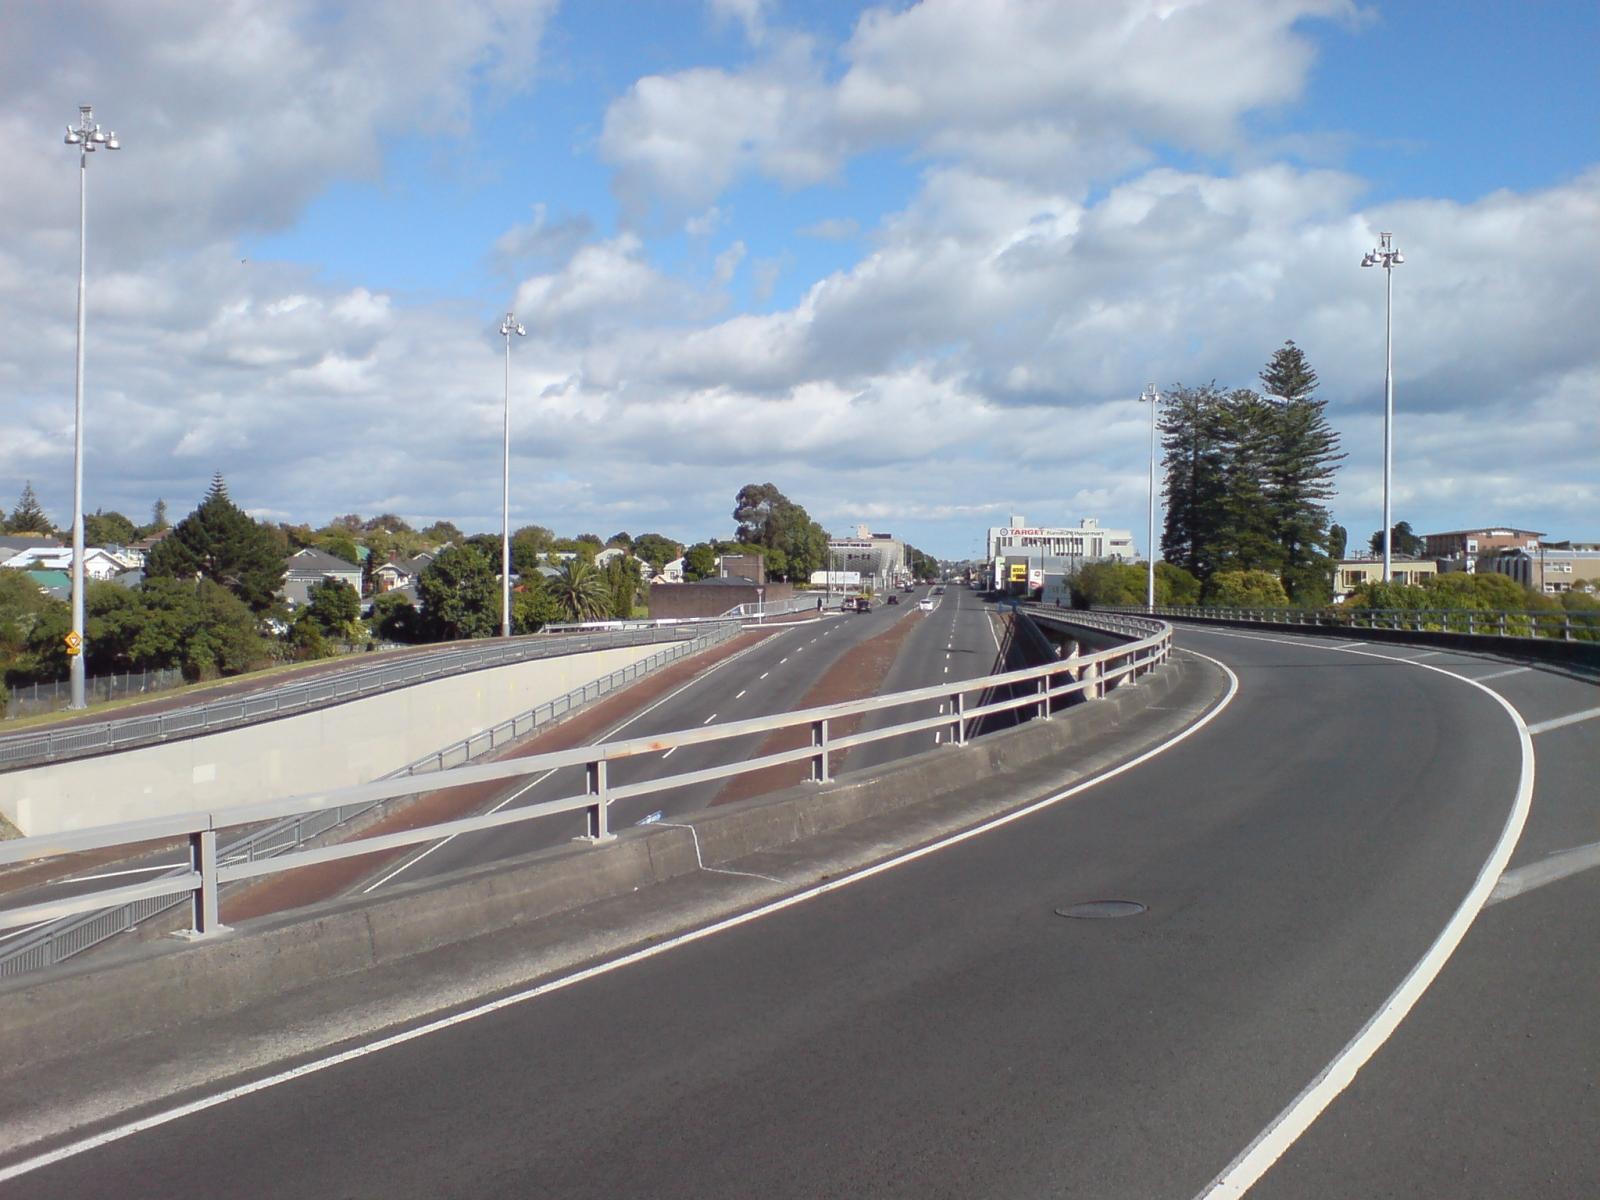 Dominion Road  Wikipedia